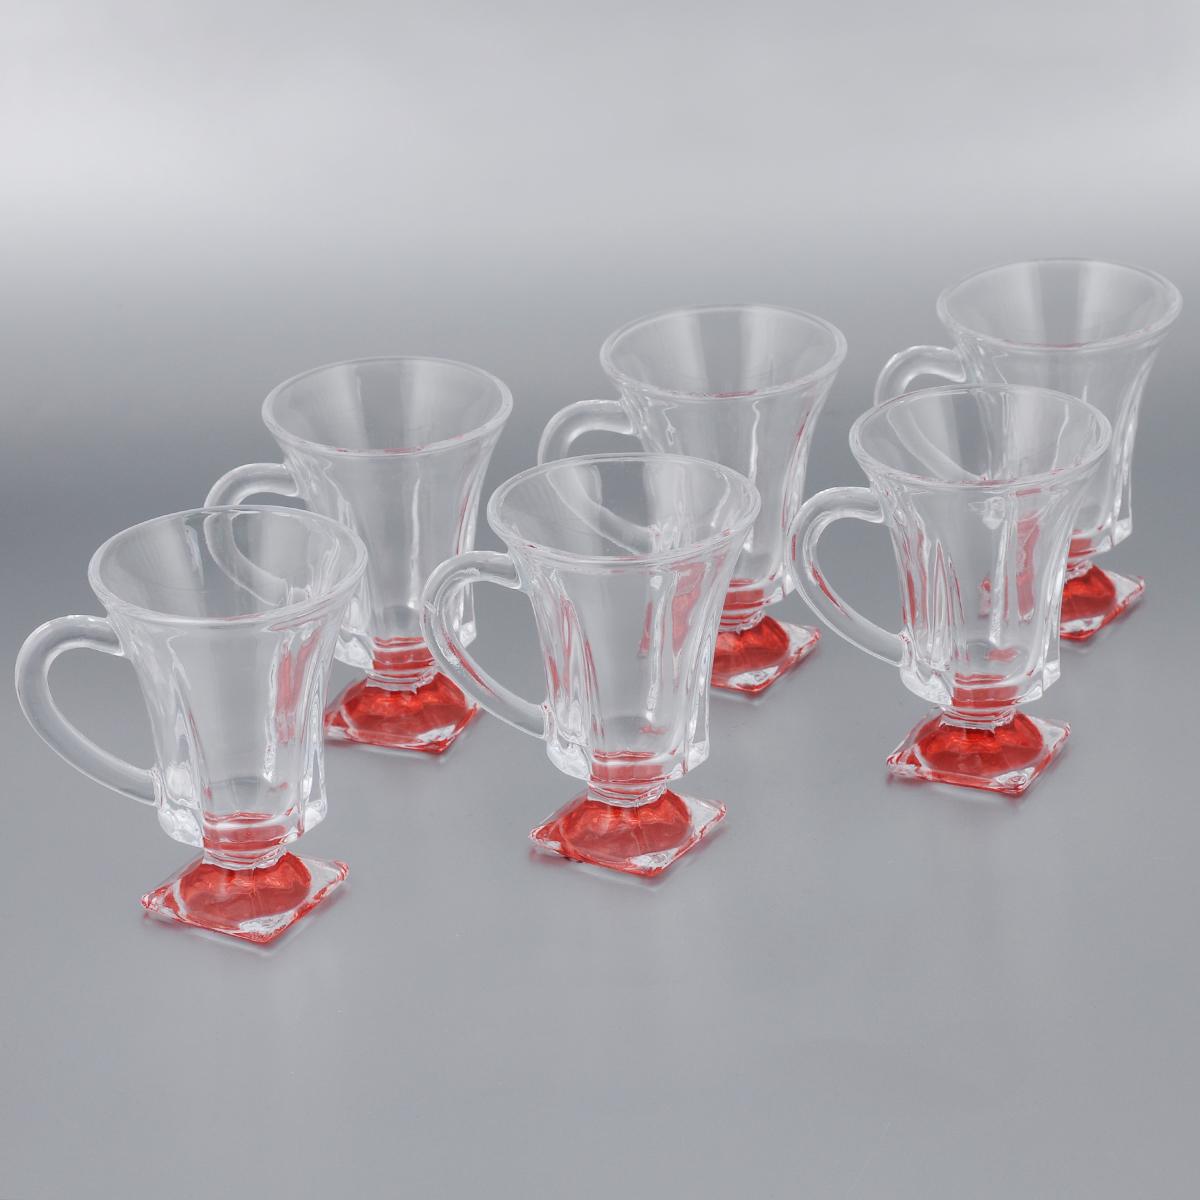 Набор стаканов для глинтвейна Mayer & Boch Loraine, цвет: прозрачный, красный, 150 мл, 6 шт20220_красныйНабор Mayer & Boch Loraine состоит из шести стаканов, выполненных из прочного стекла. Предметы набора имеют цветную ножку и декорированы рельефом. Они излучают приятный блеск и издают мелодичный звон. Для удобства изделия оснащены изящной ручкой. Набор Mayer & Boch Loraine прекрасно оформит интерьер кабинета или гостиной и станет отличным дополнением бара. Такой набор также станет хорошим подарком к любому случаю. Диаметр стакана (по верхнему краю): 8 см. Высота стакана: 11 см.